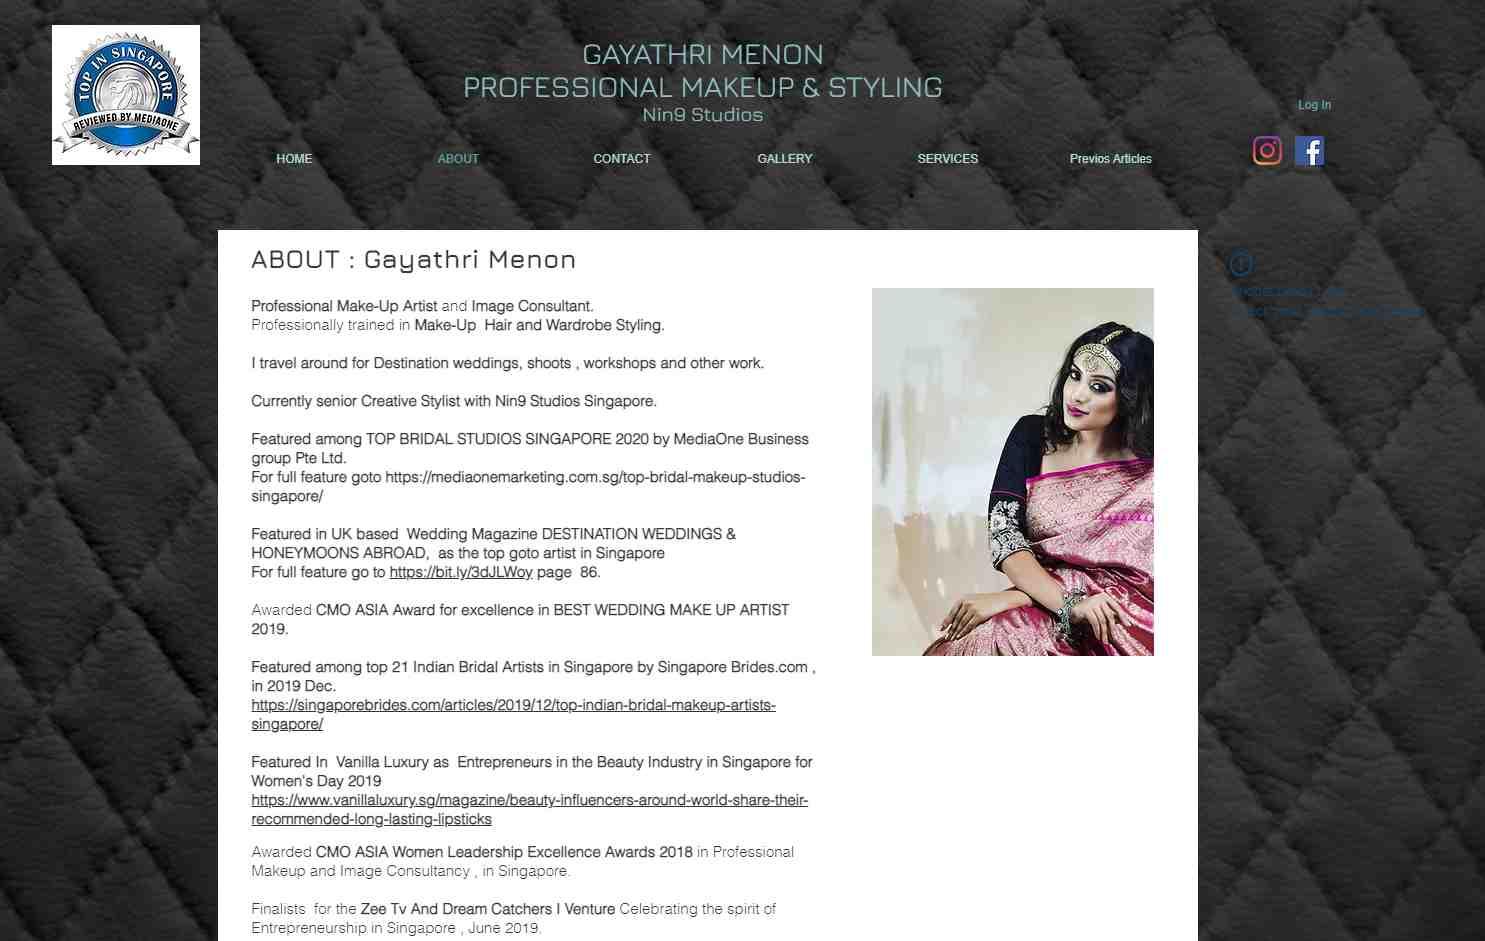 Gayathri menon Top Bridal Makeup